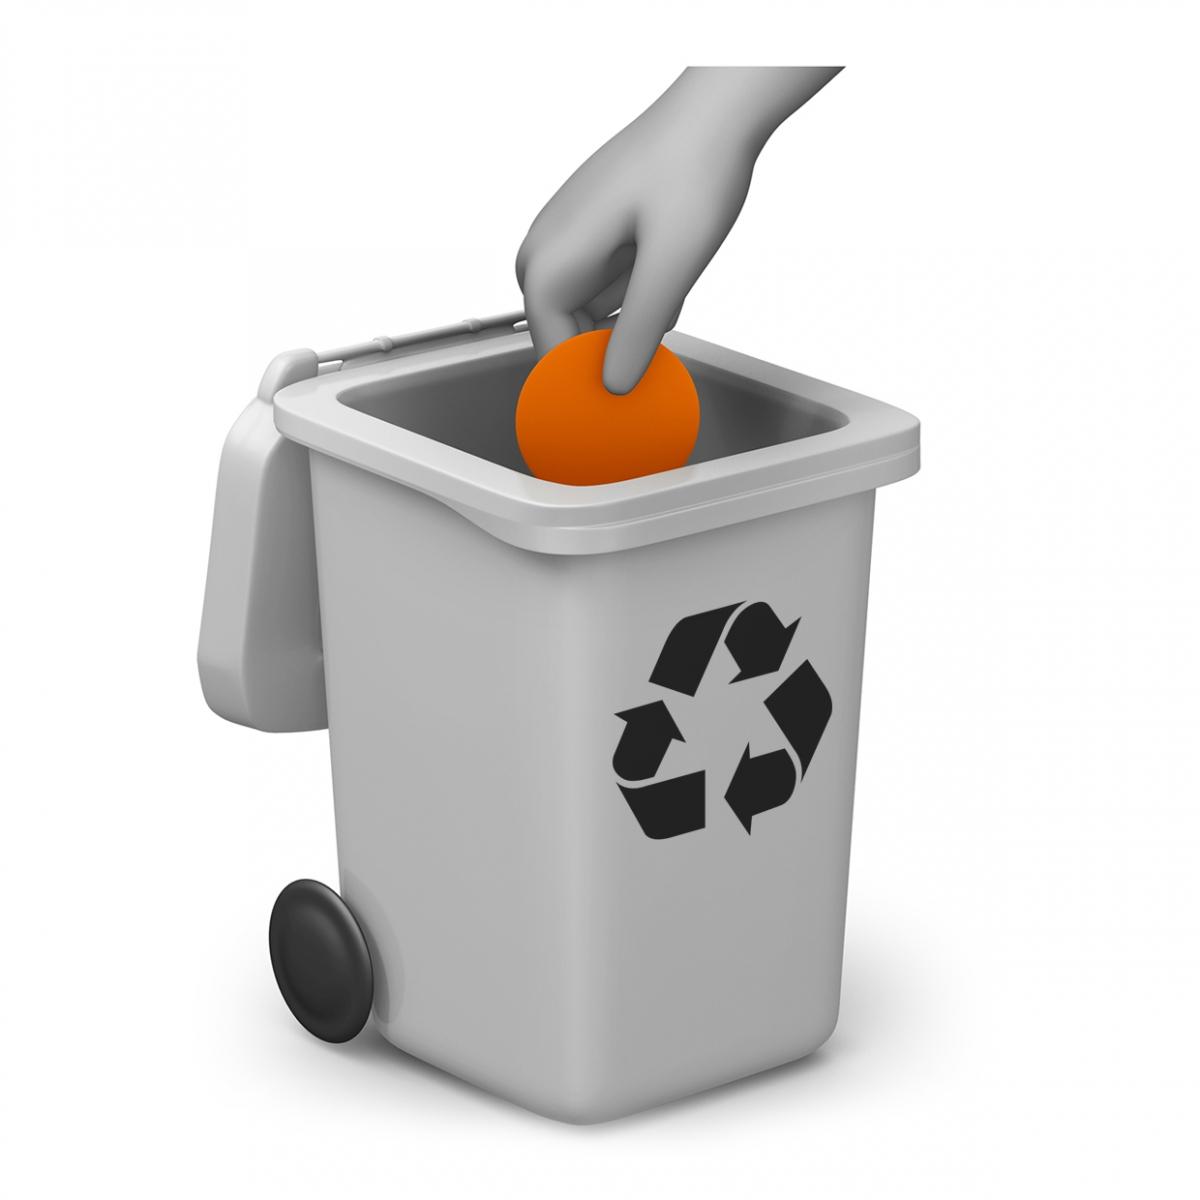 Imagen del verbo reciclar